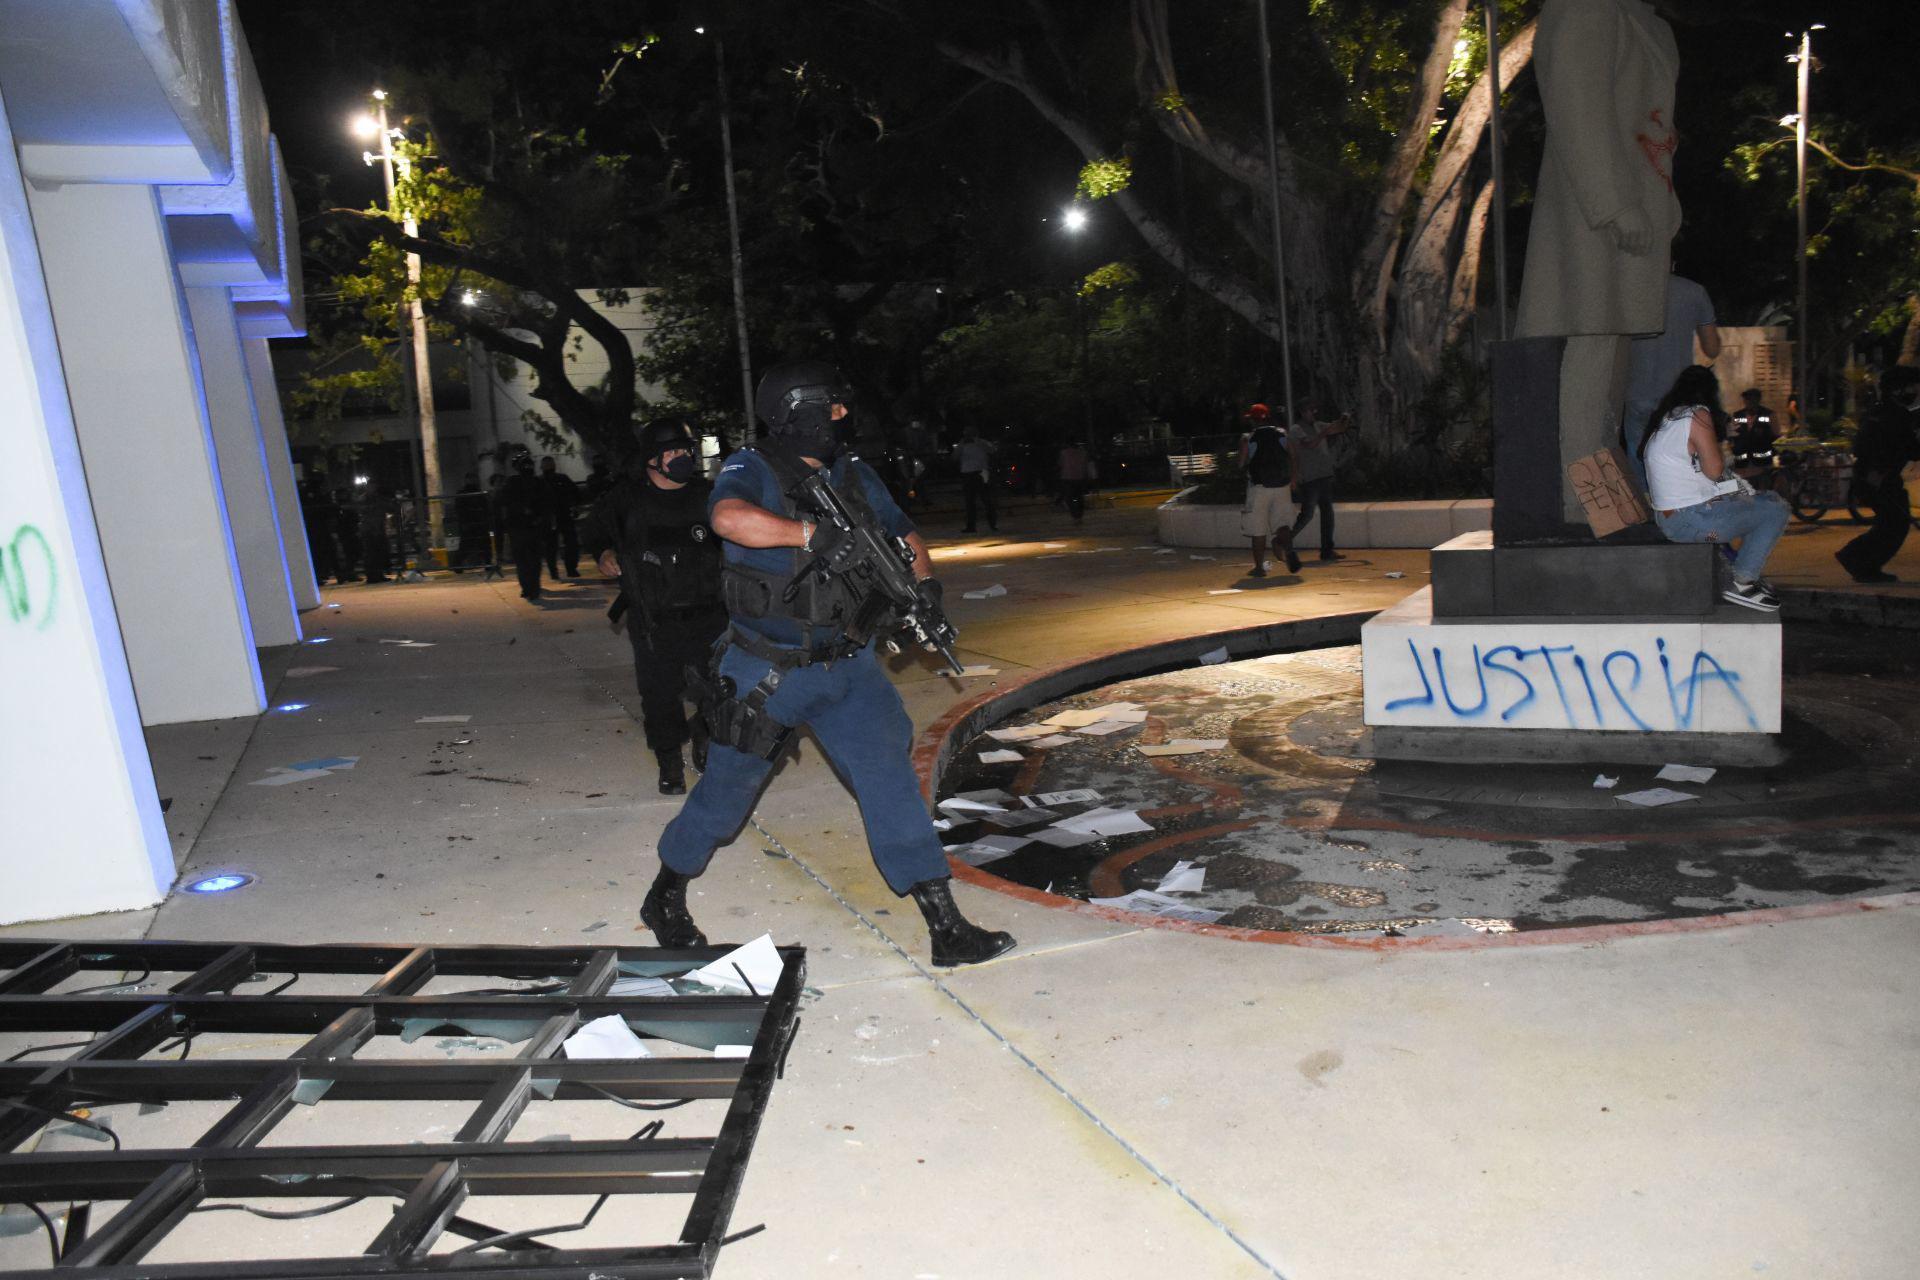 Cancún, Quinta roo, 9 de noviembre de 2020. Ante la supuesta presencia de personal al interior del inmueble, el director de la policía municipal de Cancún, Eduardo Santamaría, habría dado la orden de disparar al aire para dispersar a los manifestantes.